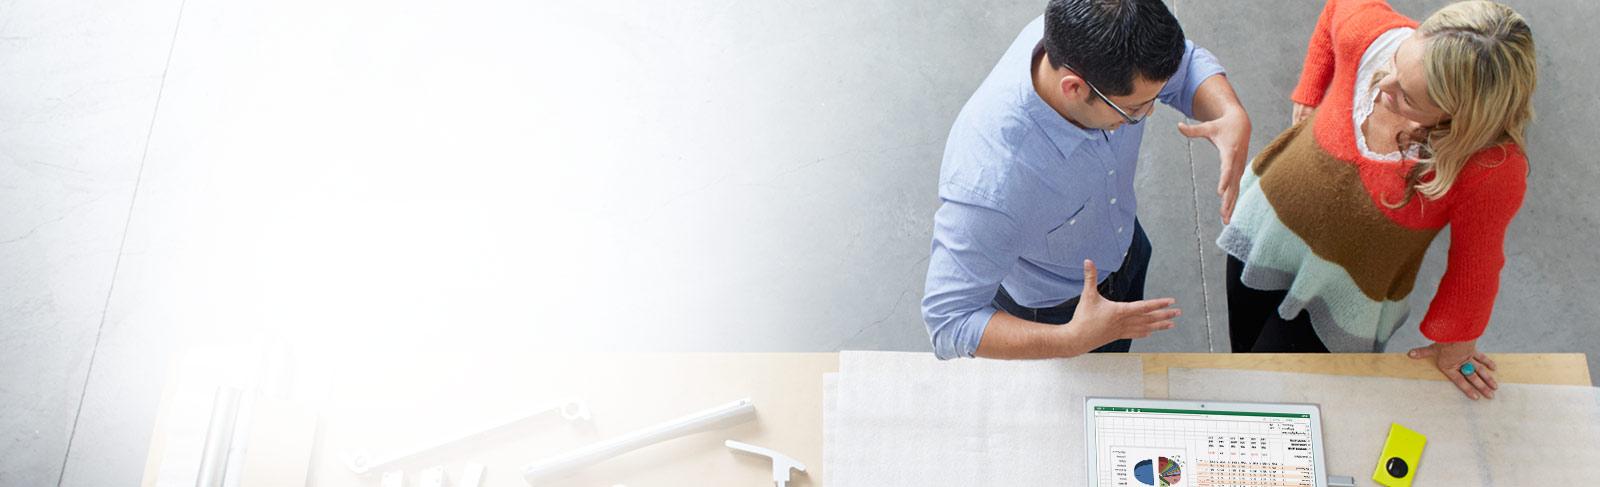 제도대 앞에 서서 태블릿으로 Office 365 ProPlus를 사용 중인 남자와 여자